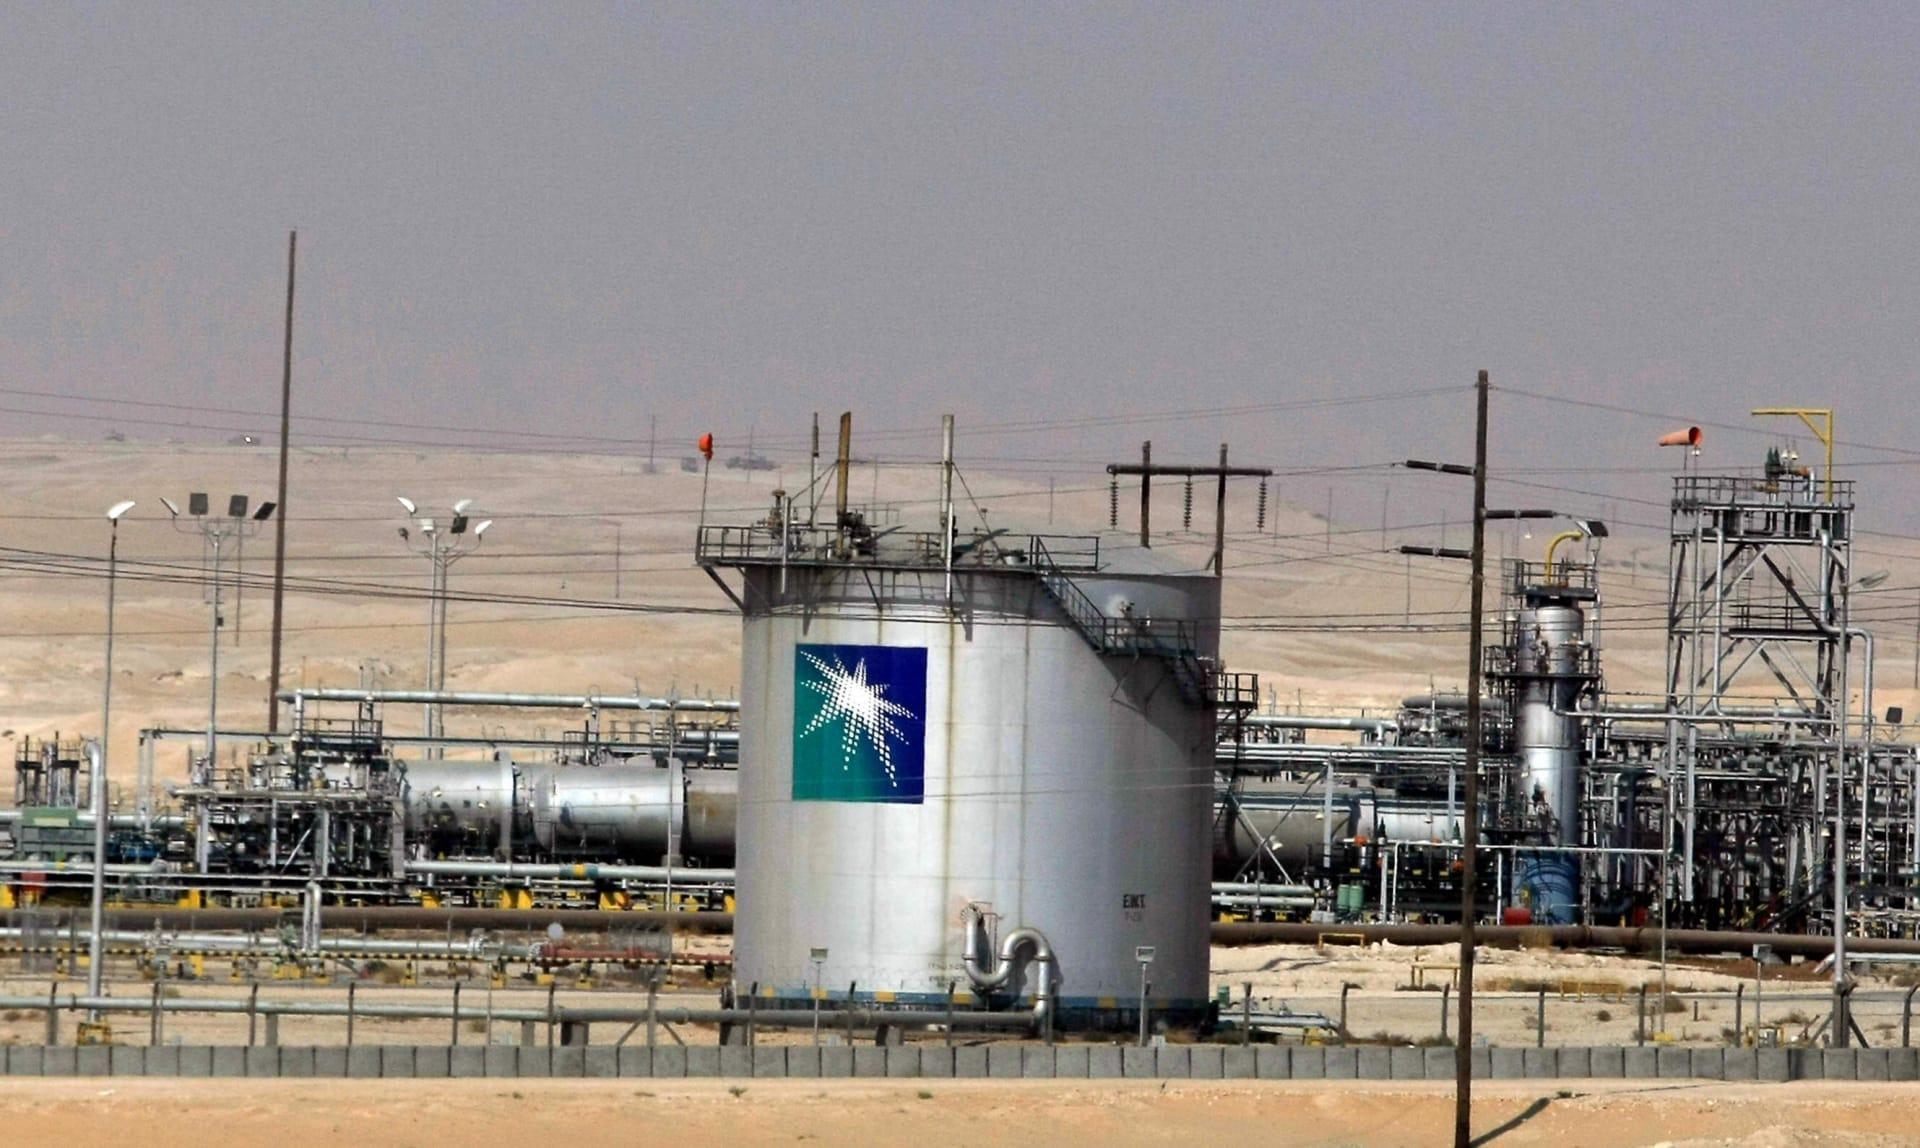 أرامكو السعودية تعلن عن استراتيجية جديدة لتطوير مشاريع النفط والغاز